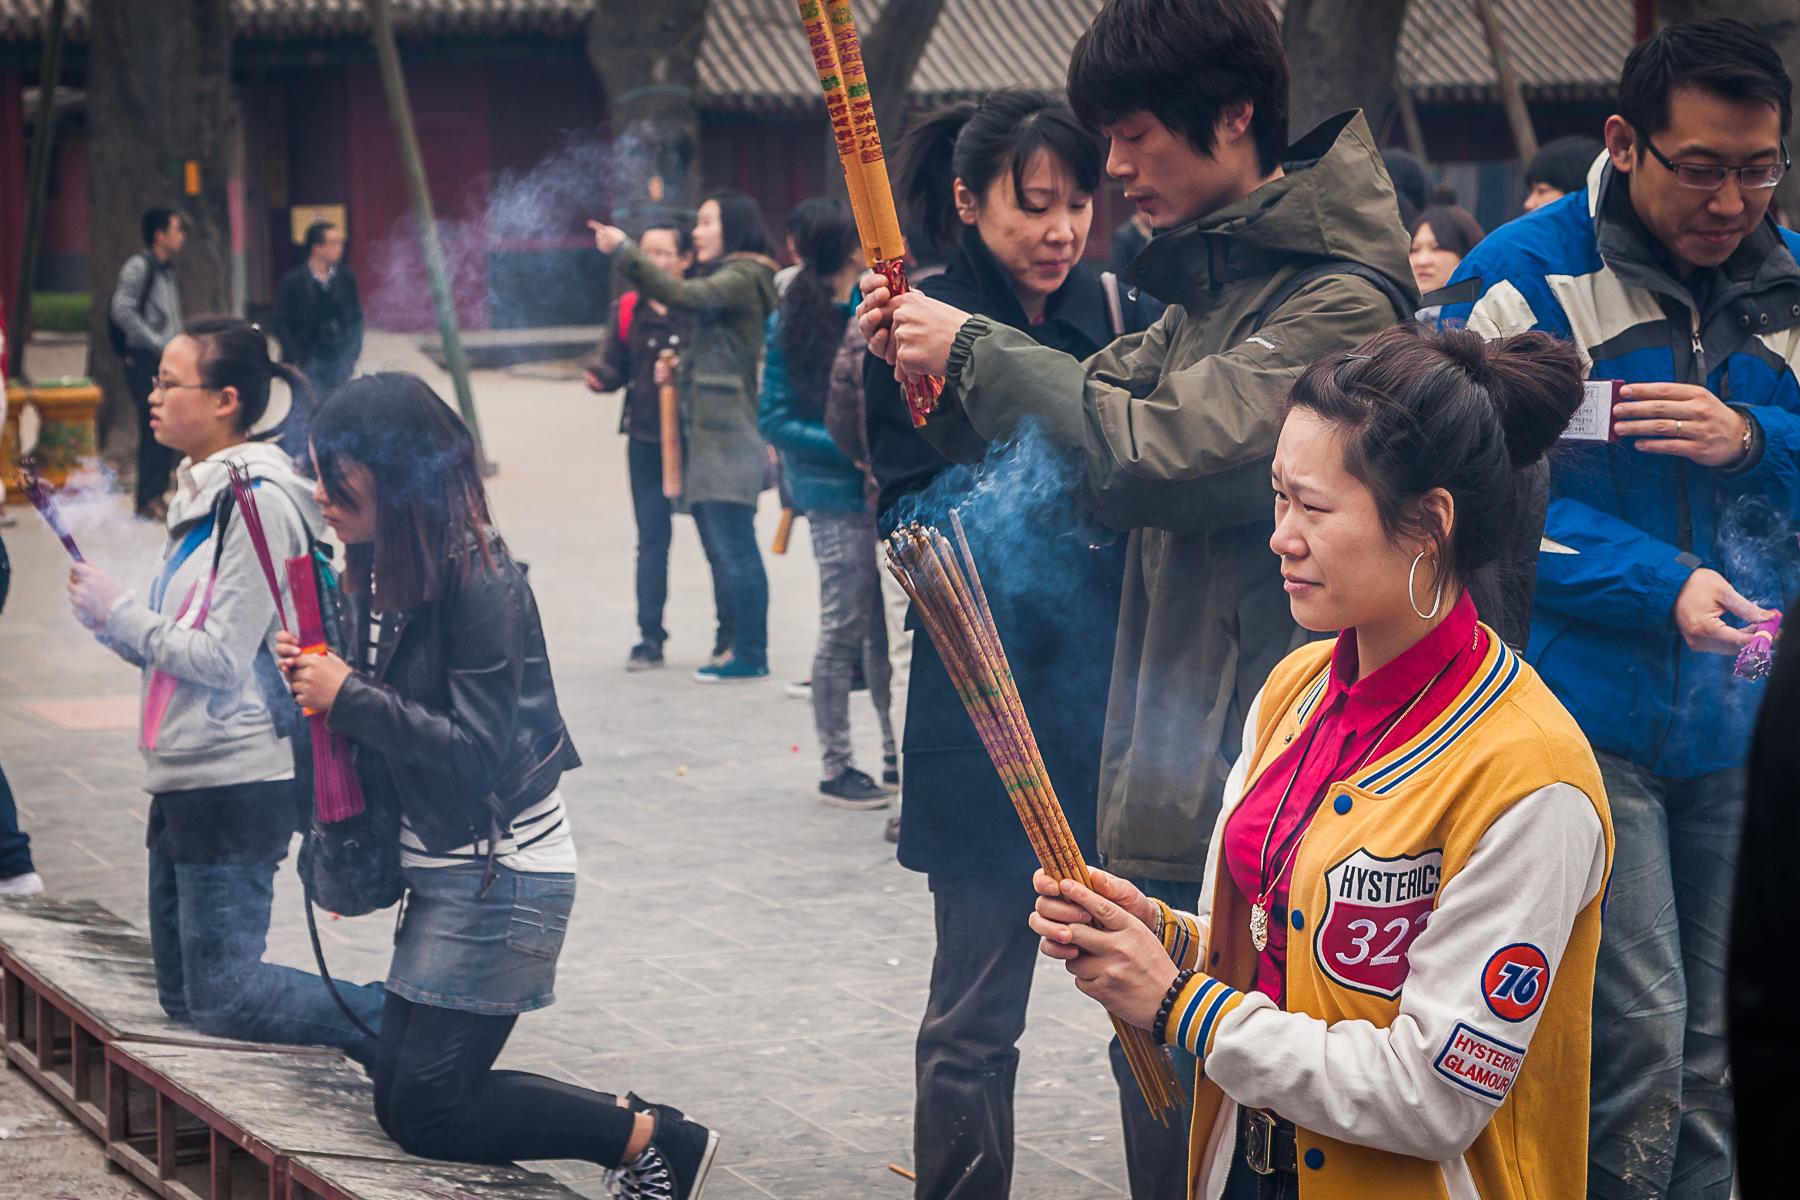 templesinbeijingchina-1.jpg